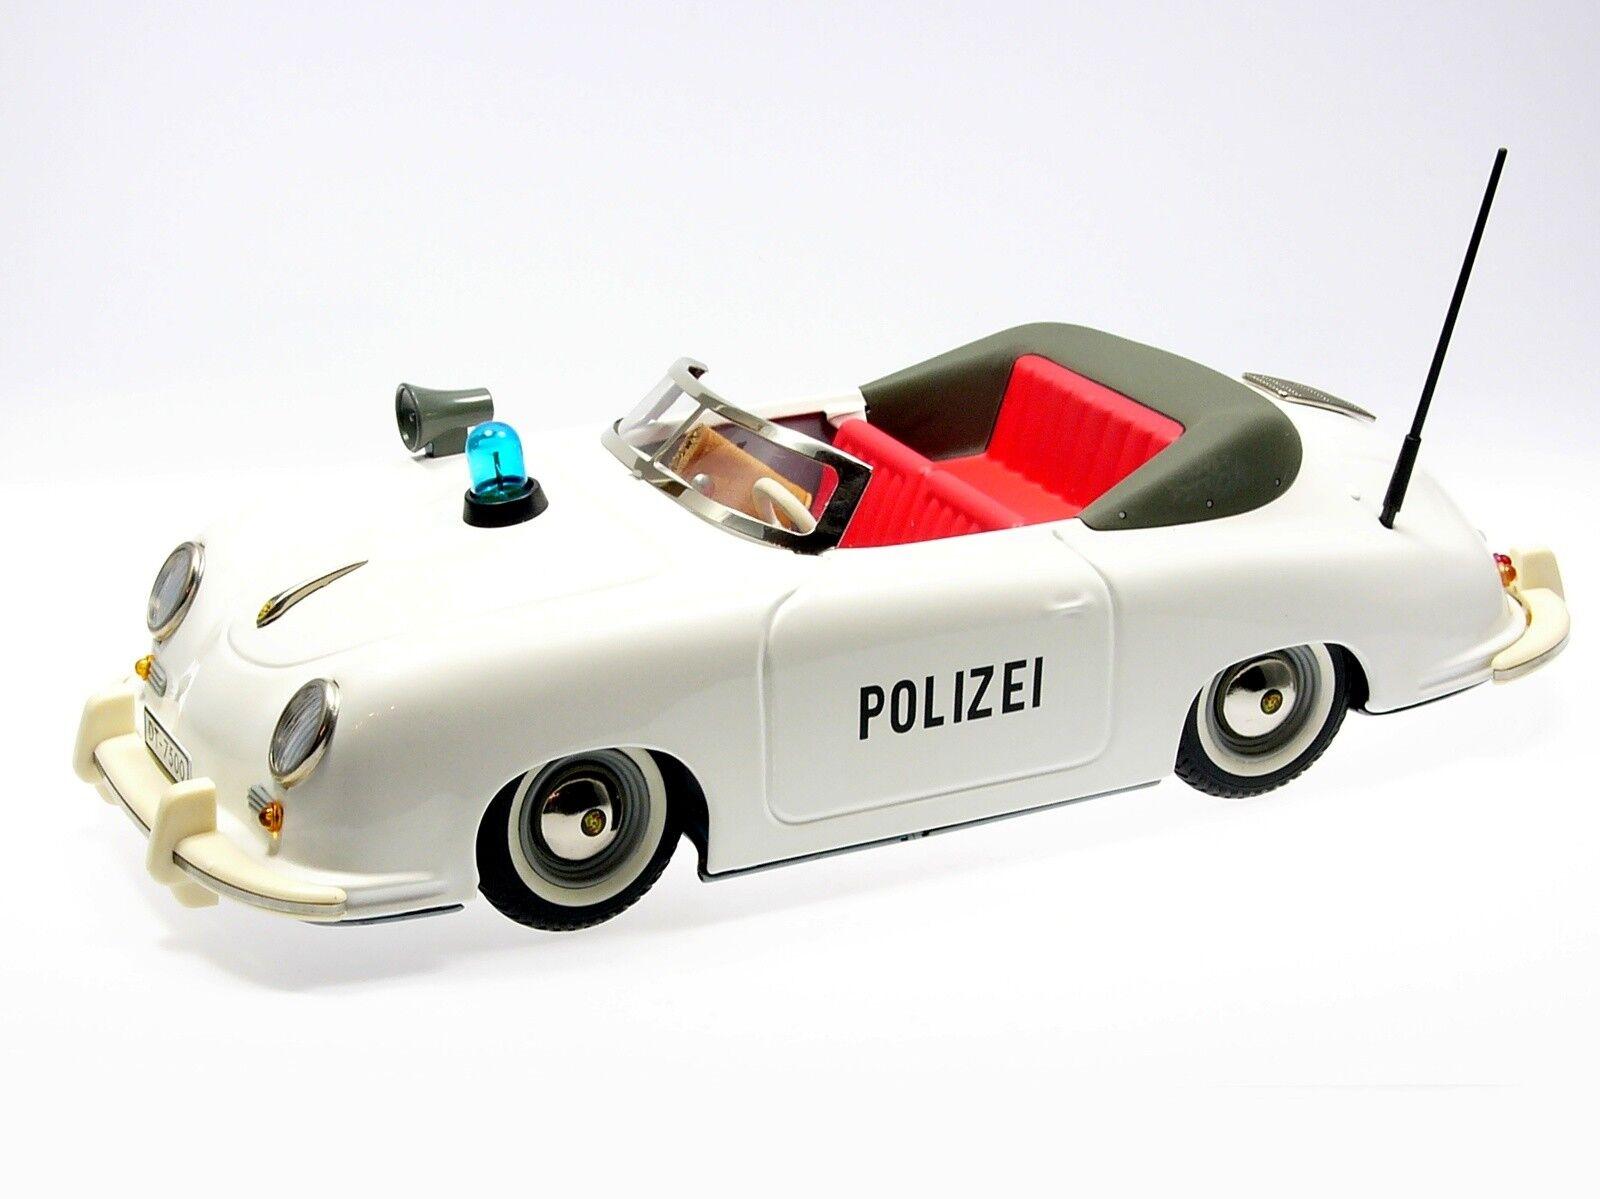 Schuco Schuco Schuco Distler Porsche  Polizei    00213 8ee